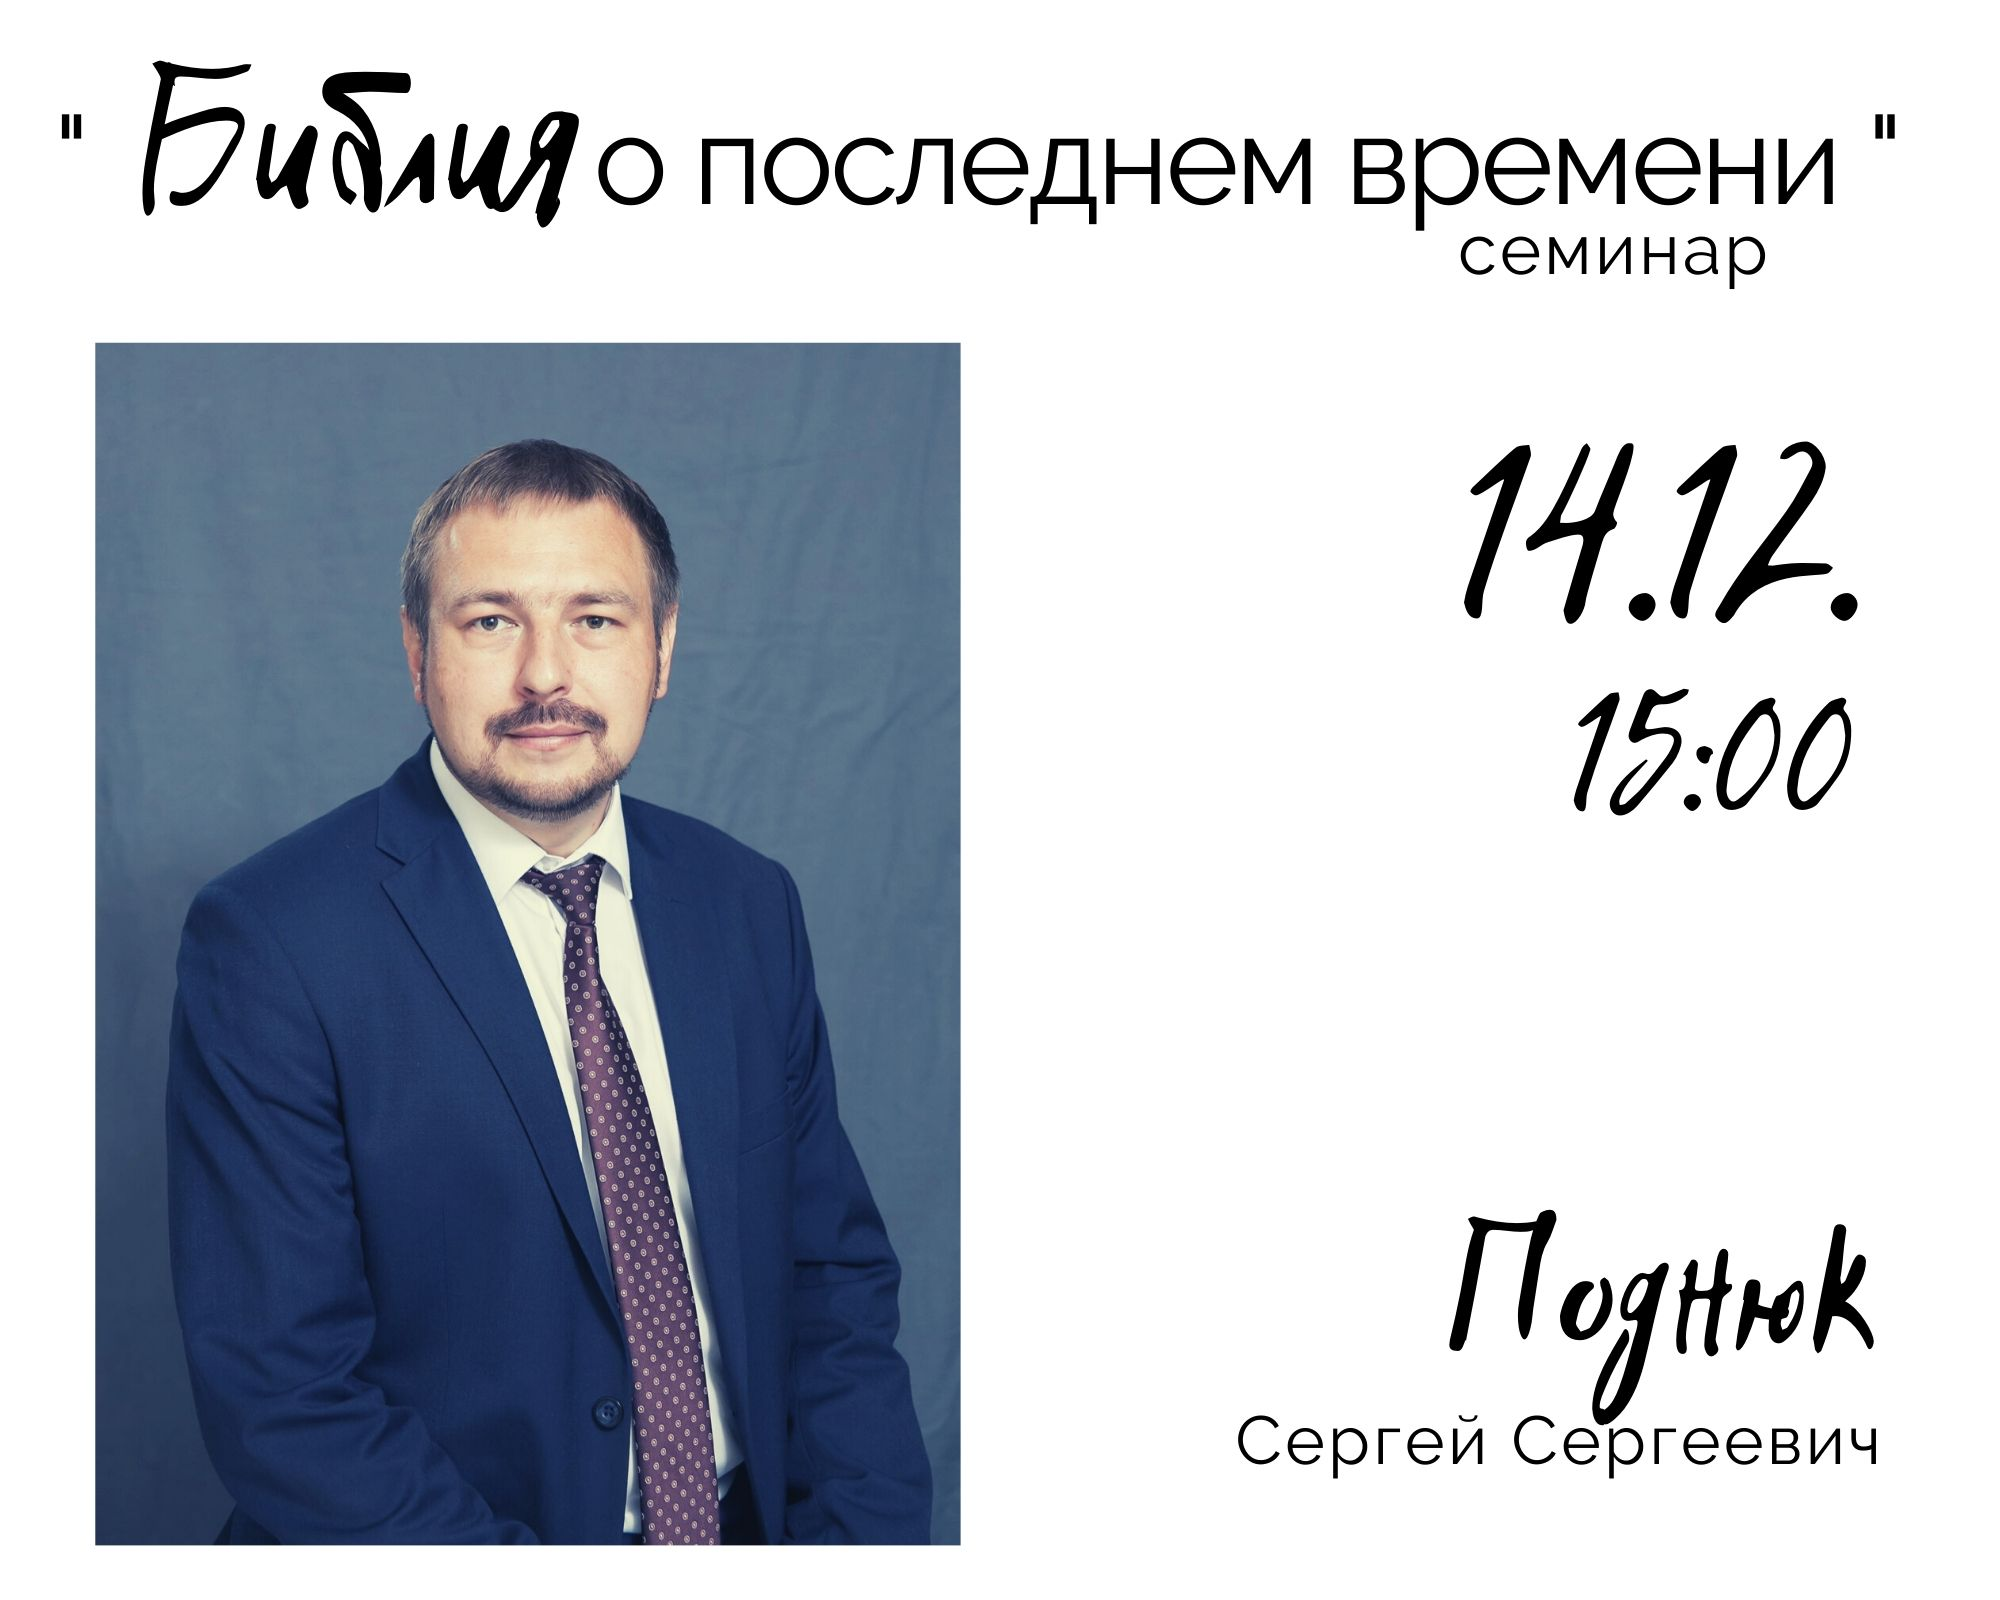 Поднюк Сергей Сергеевич